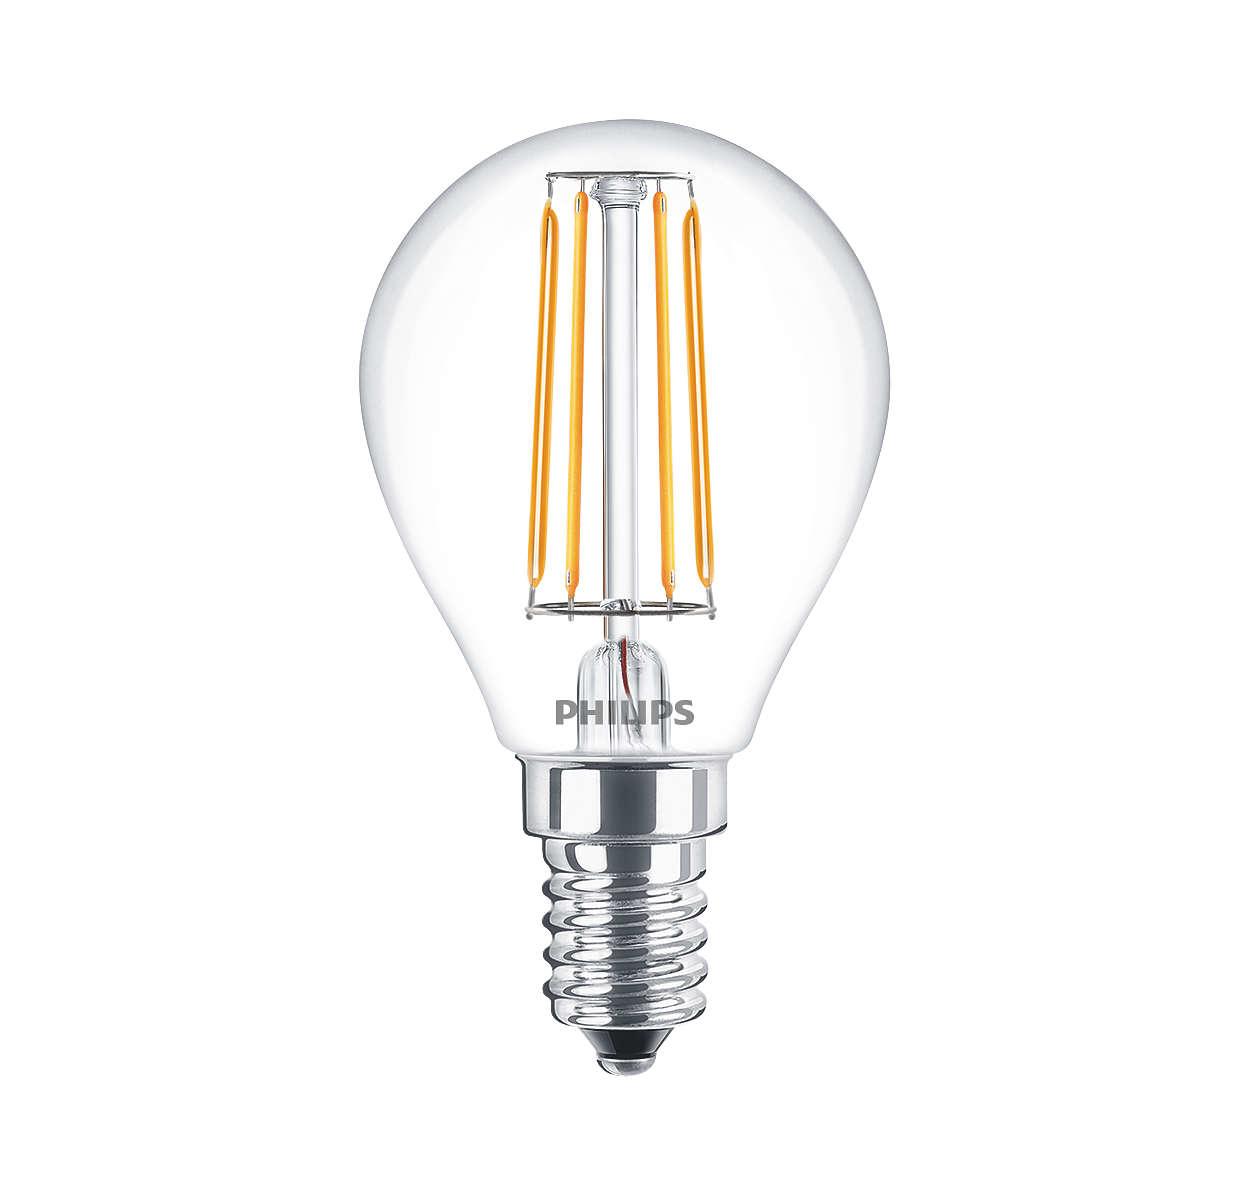 Philips Lampadina a LED - Lampadina a LED - Philedlus40e14